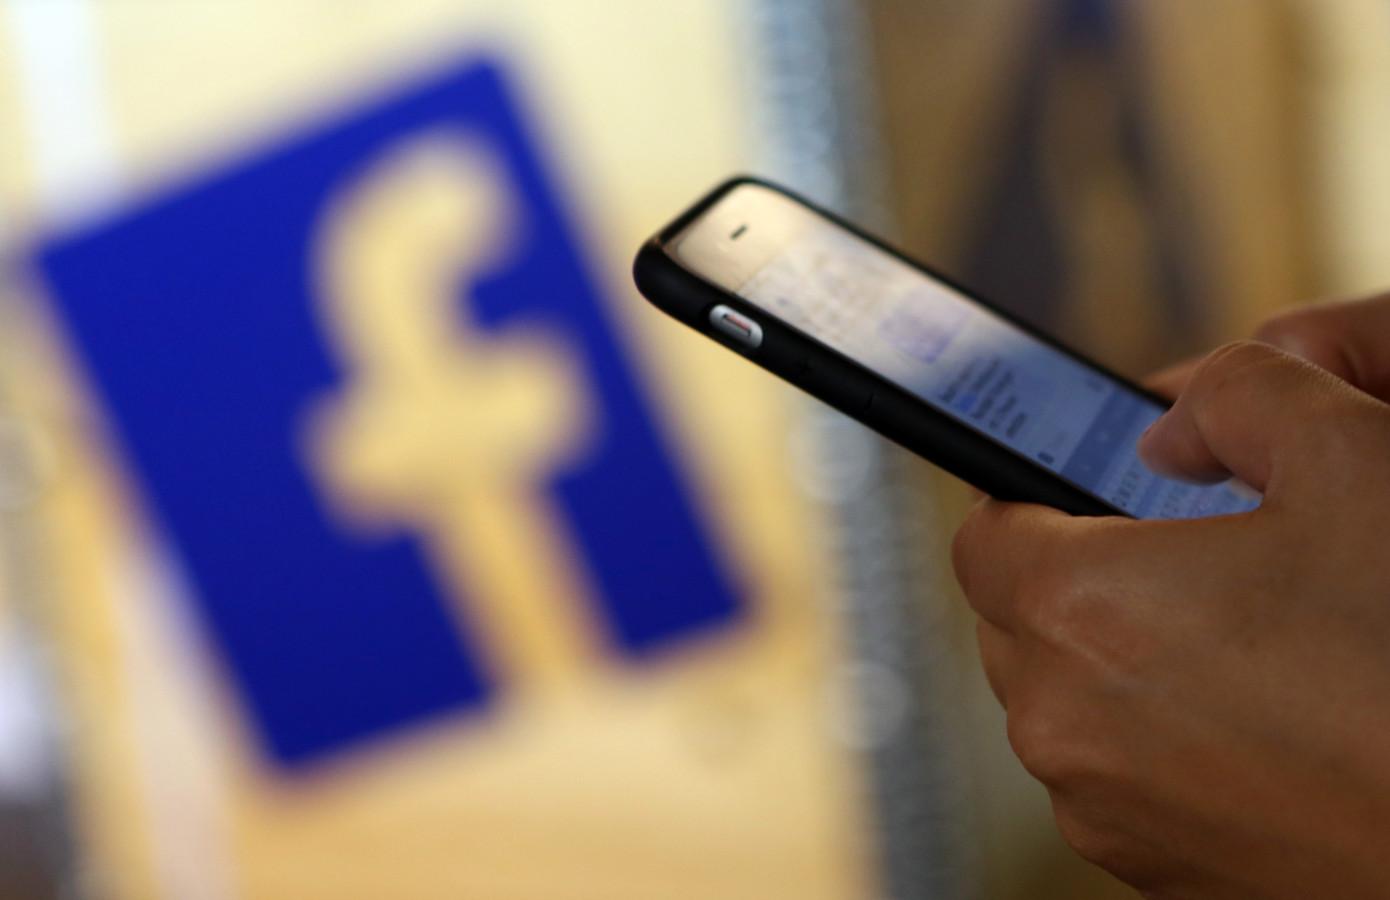 تسريب بيانات 50 حساب من فيسبوك